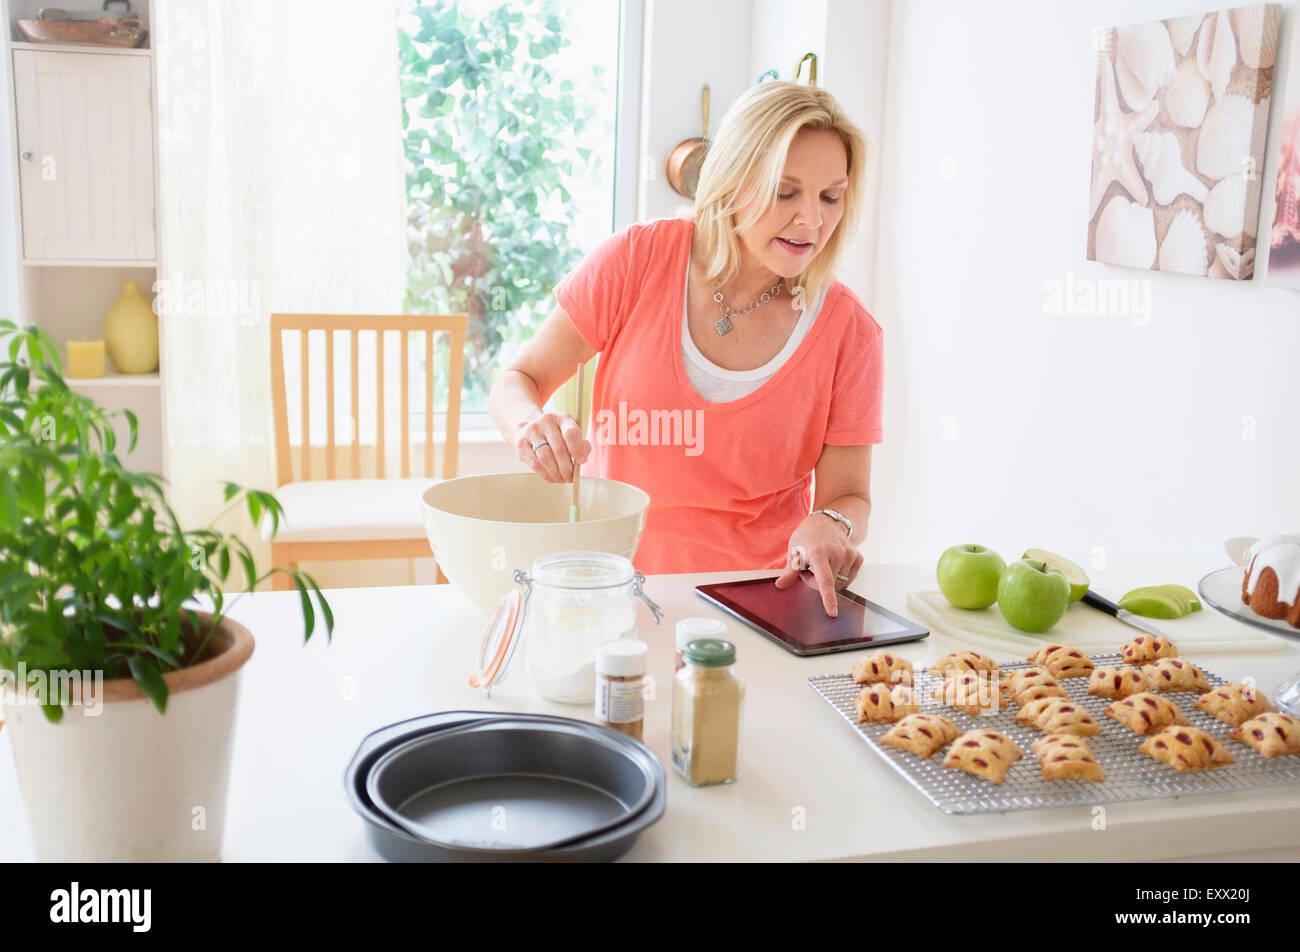 Reife Frau in Küche Backen Stockbild